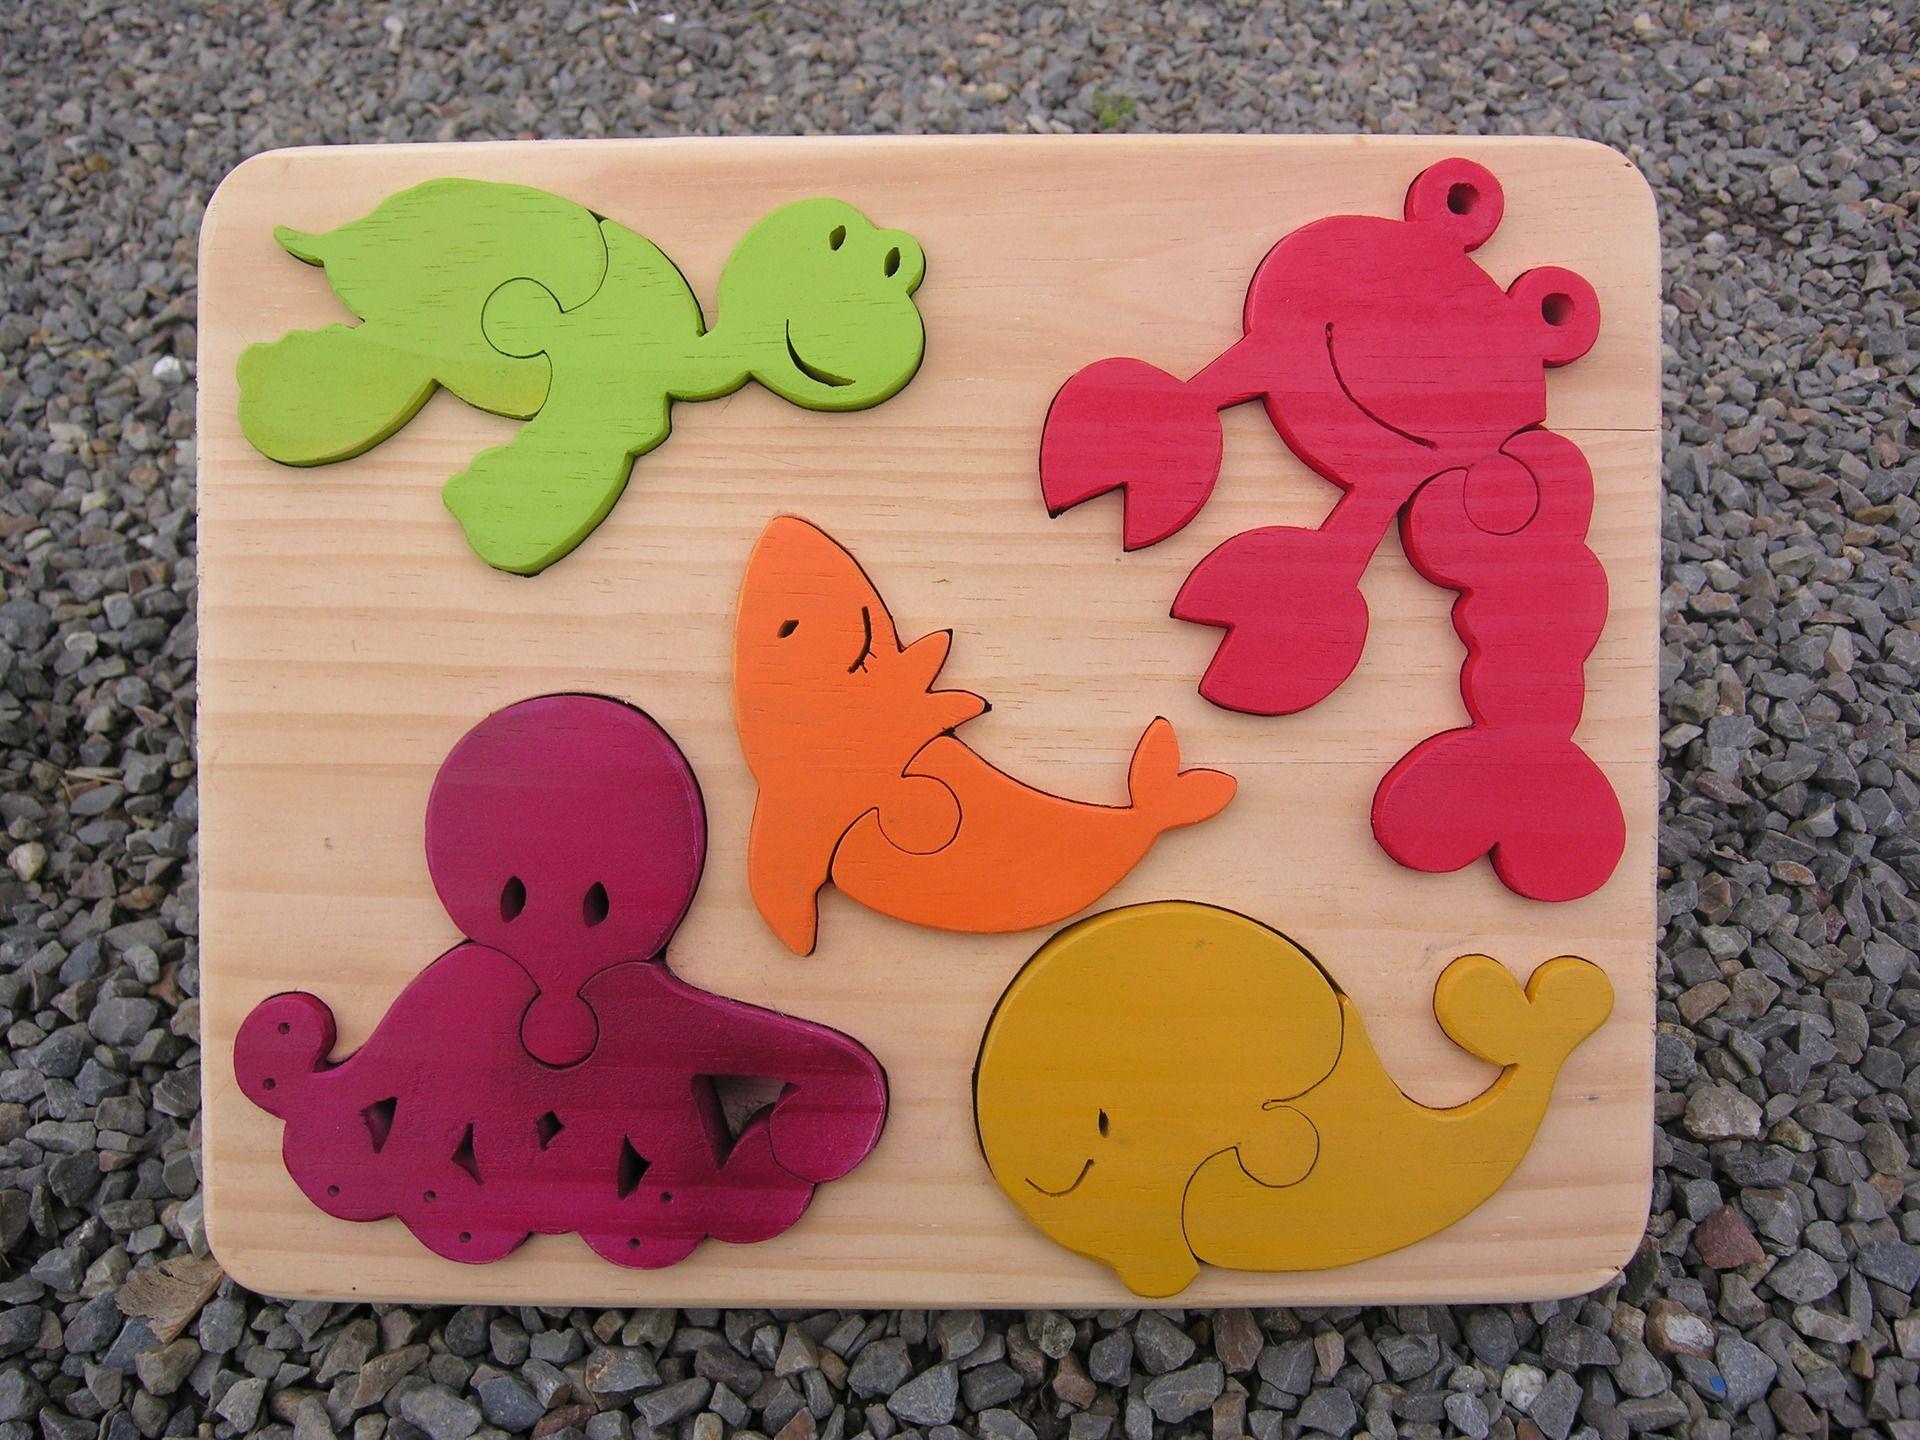 Jeux de puzzle en bois massif, pour votre enfants de 3 ans et moins   Puzzle en bois, Jeux de ...